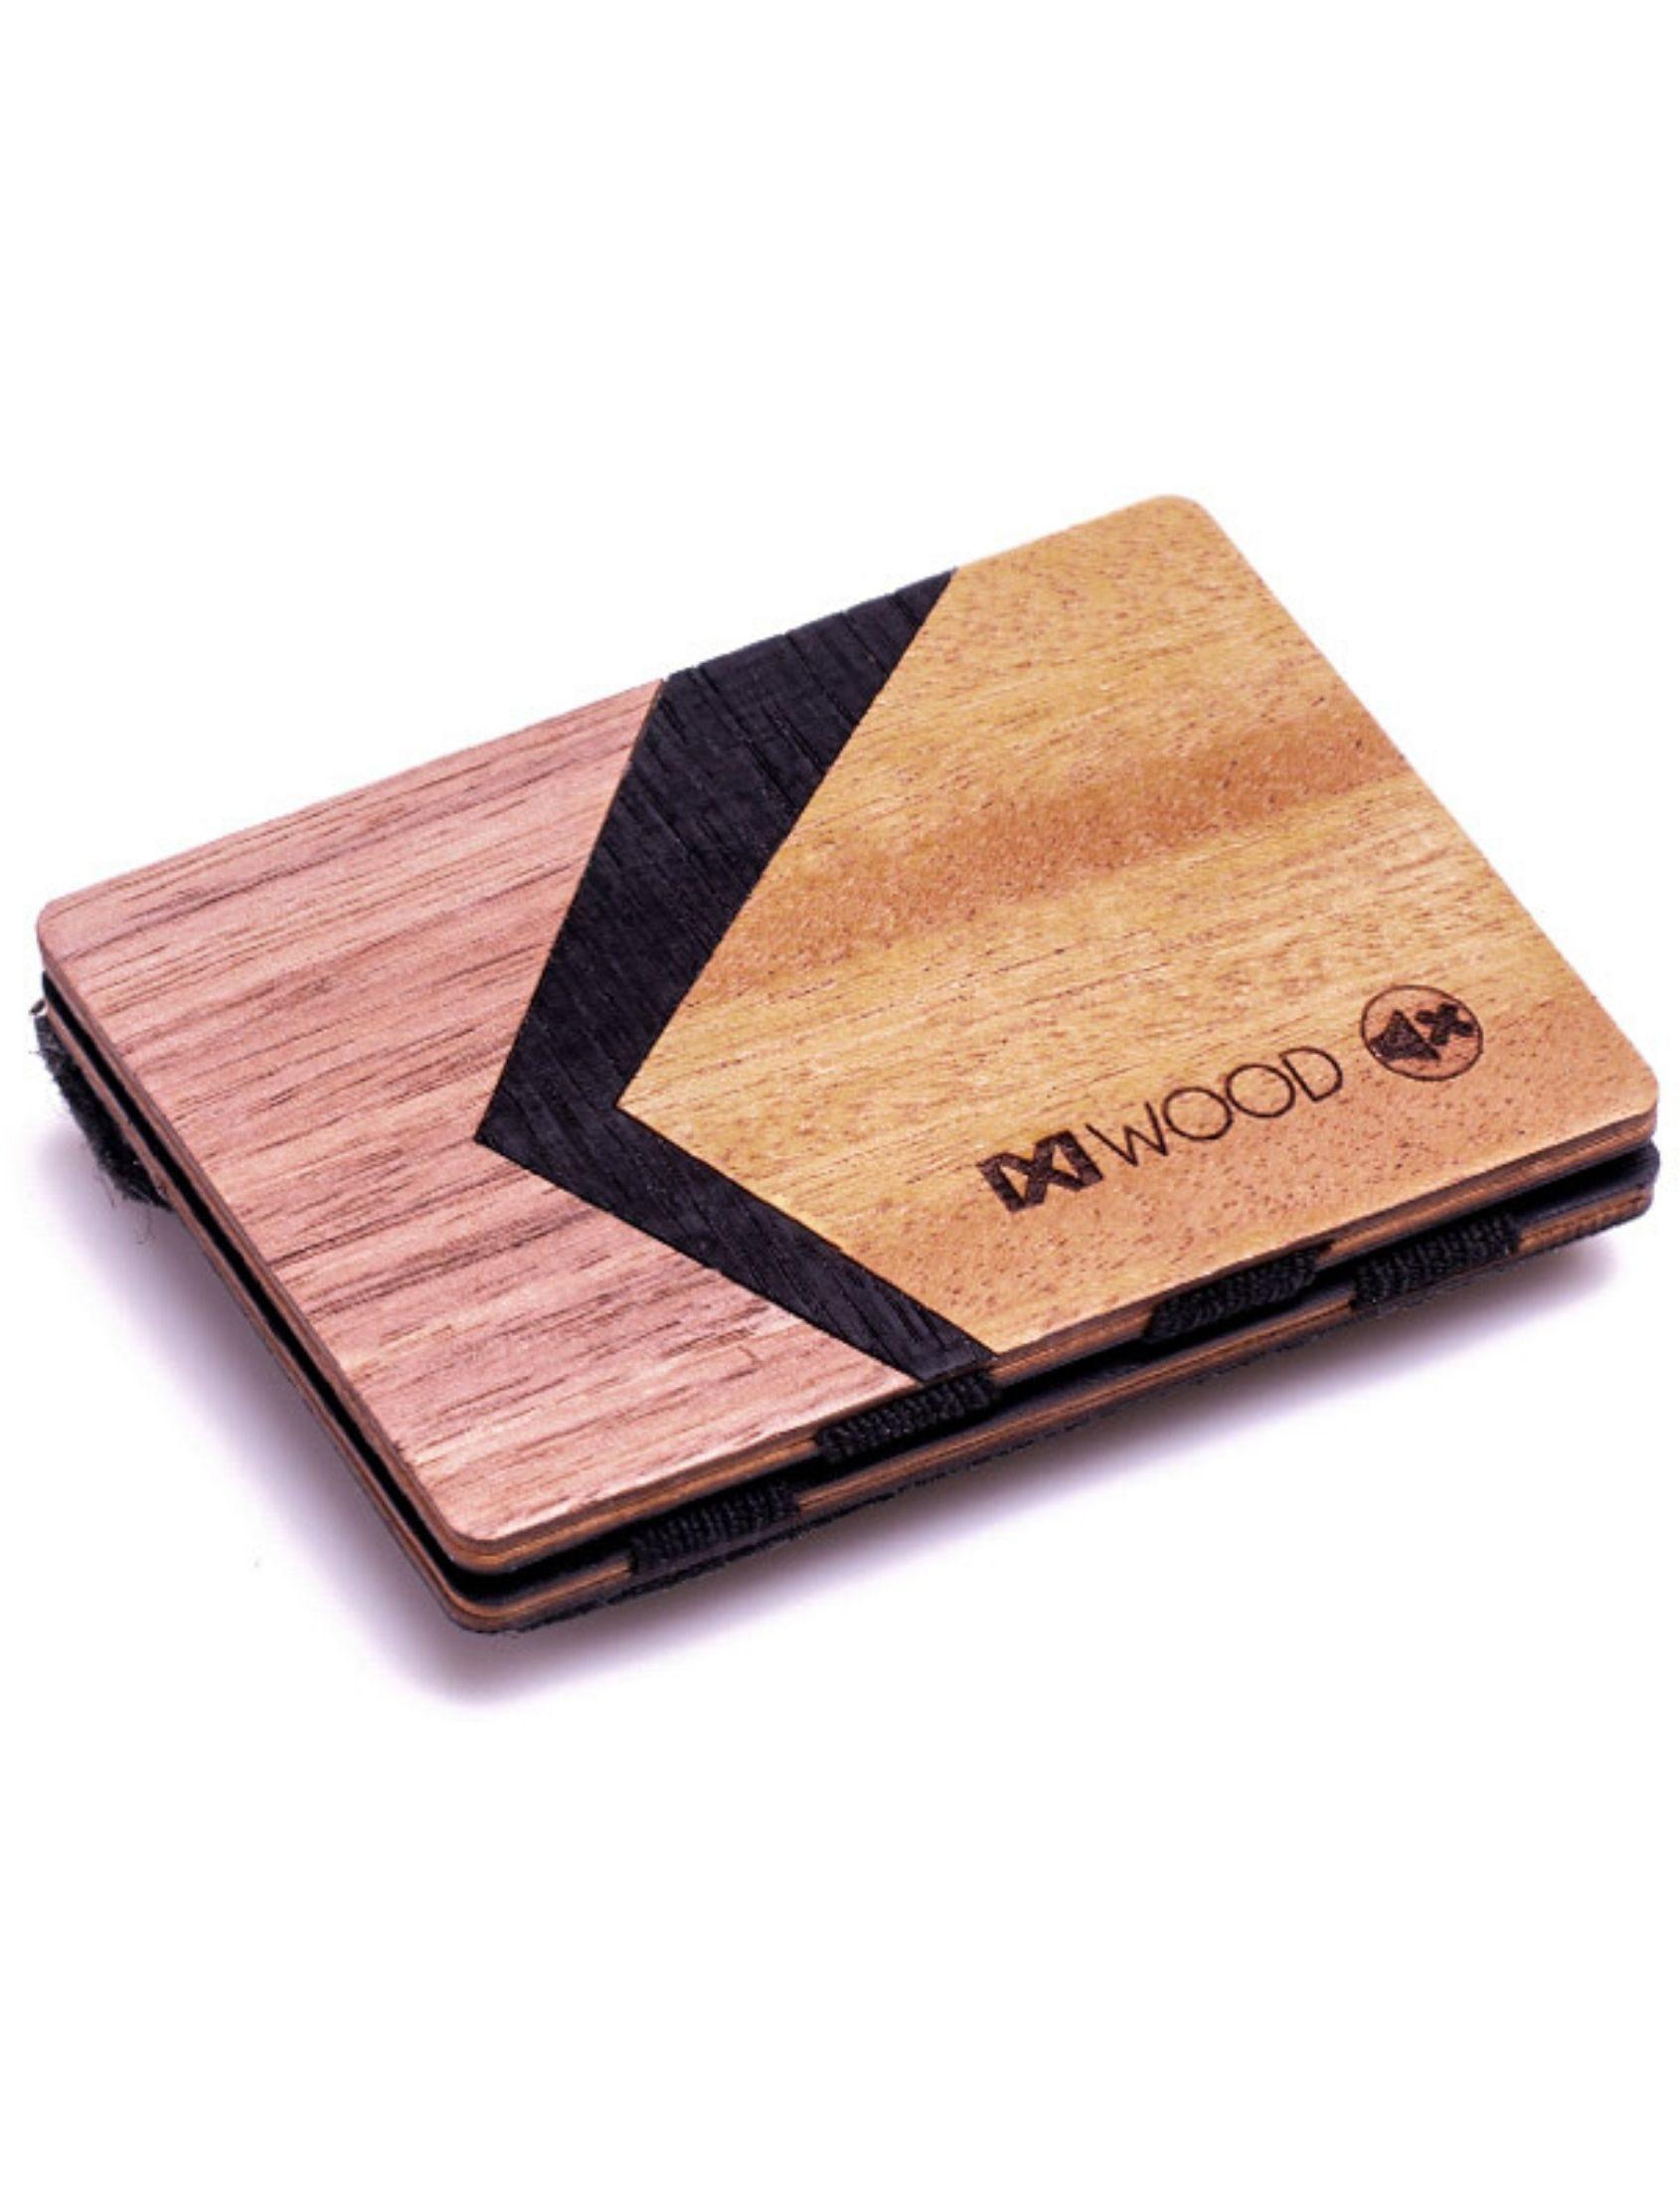 Cartera curve de madera con detalle de dibujo geométrico multicolor. De IXi Wood. Con monedero de pinatex